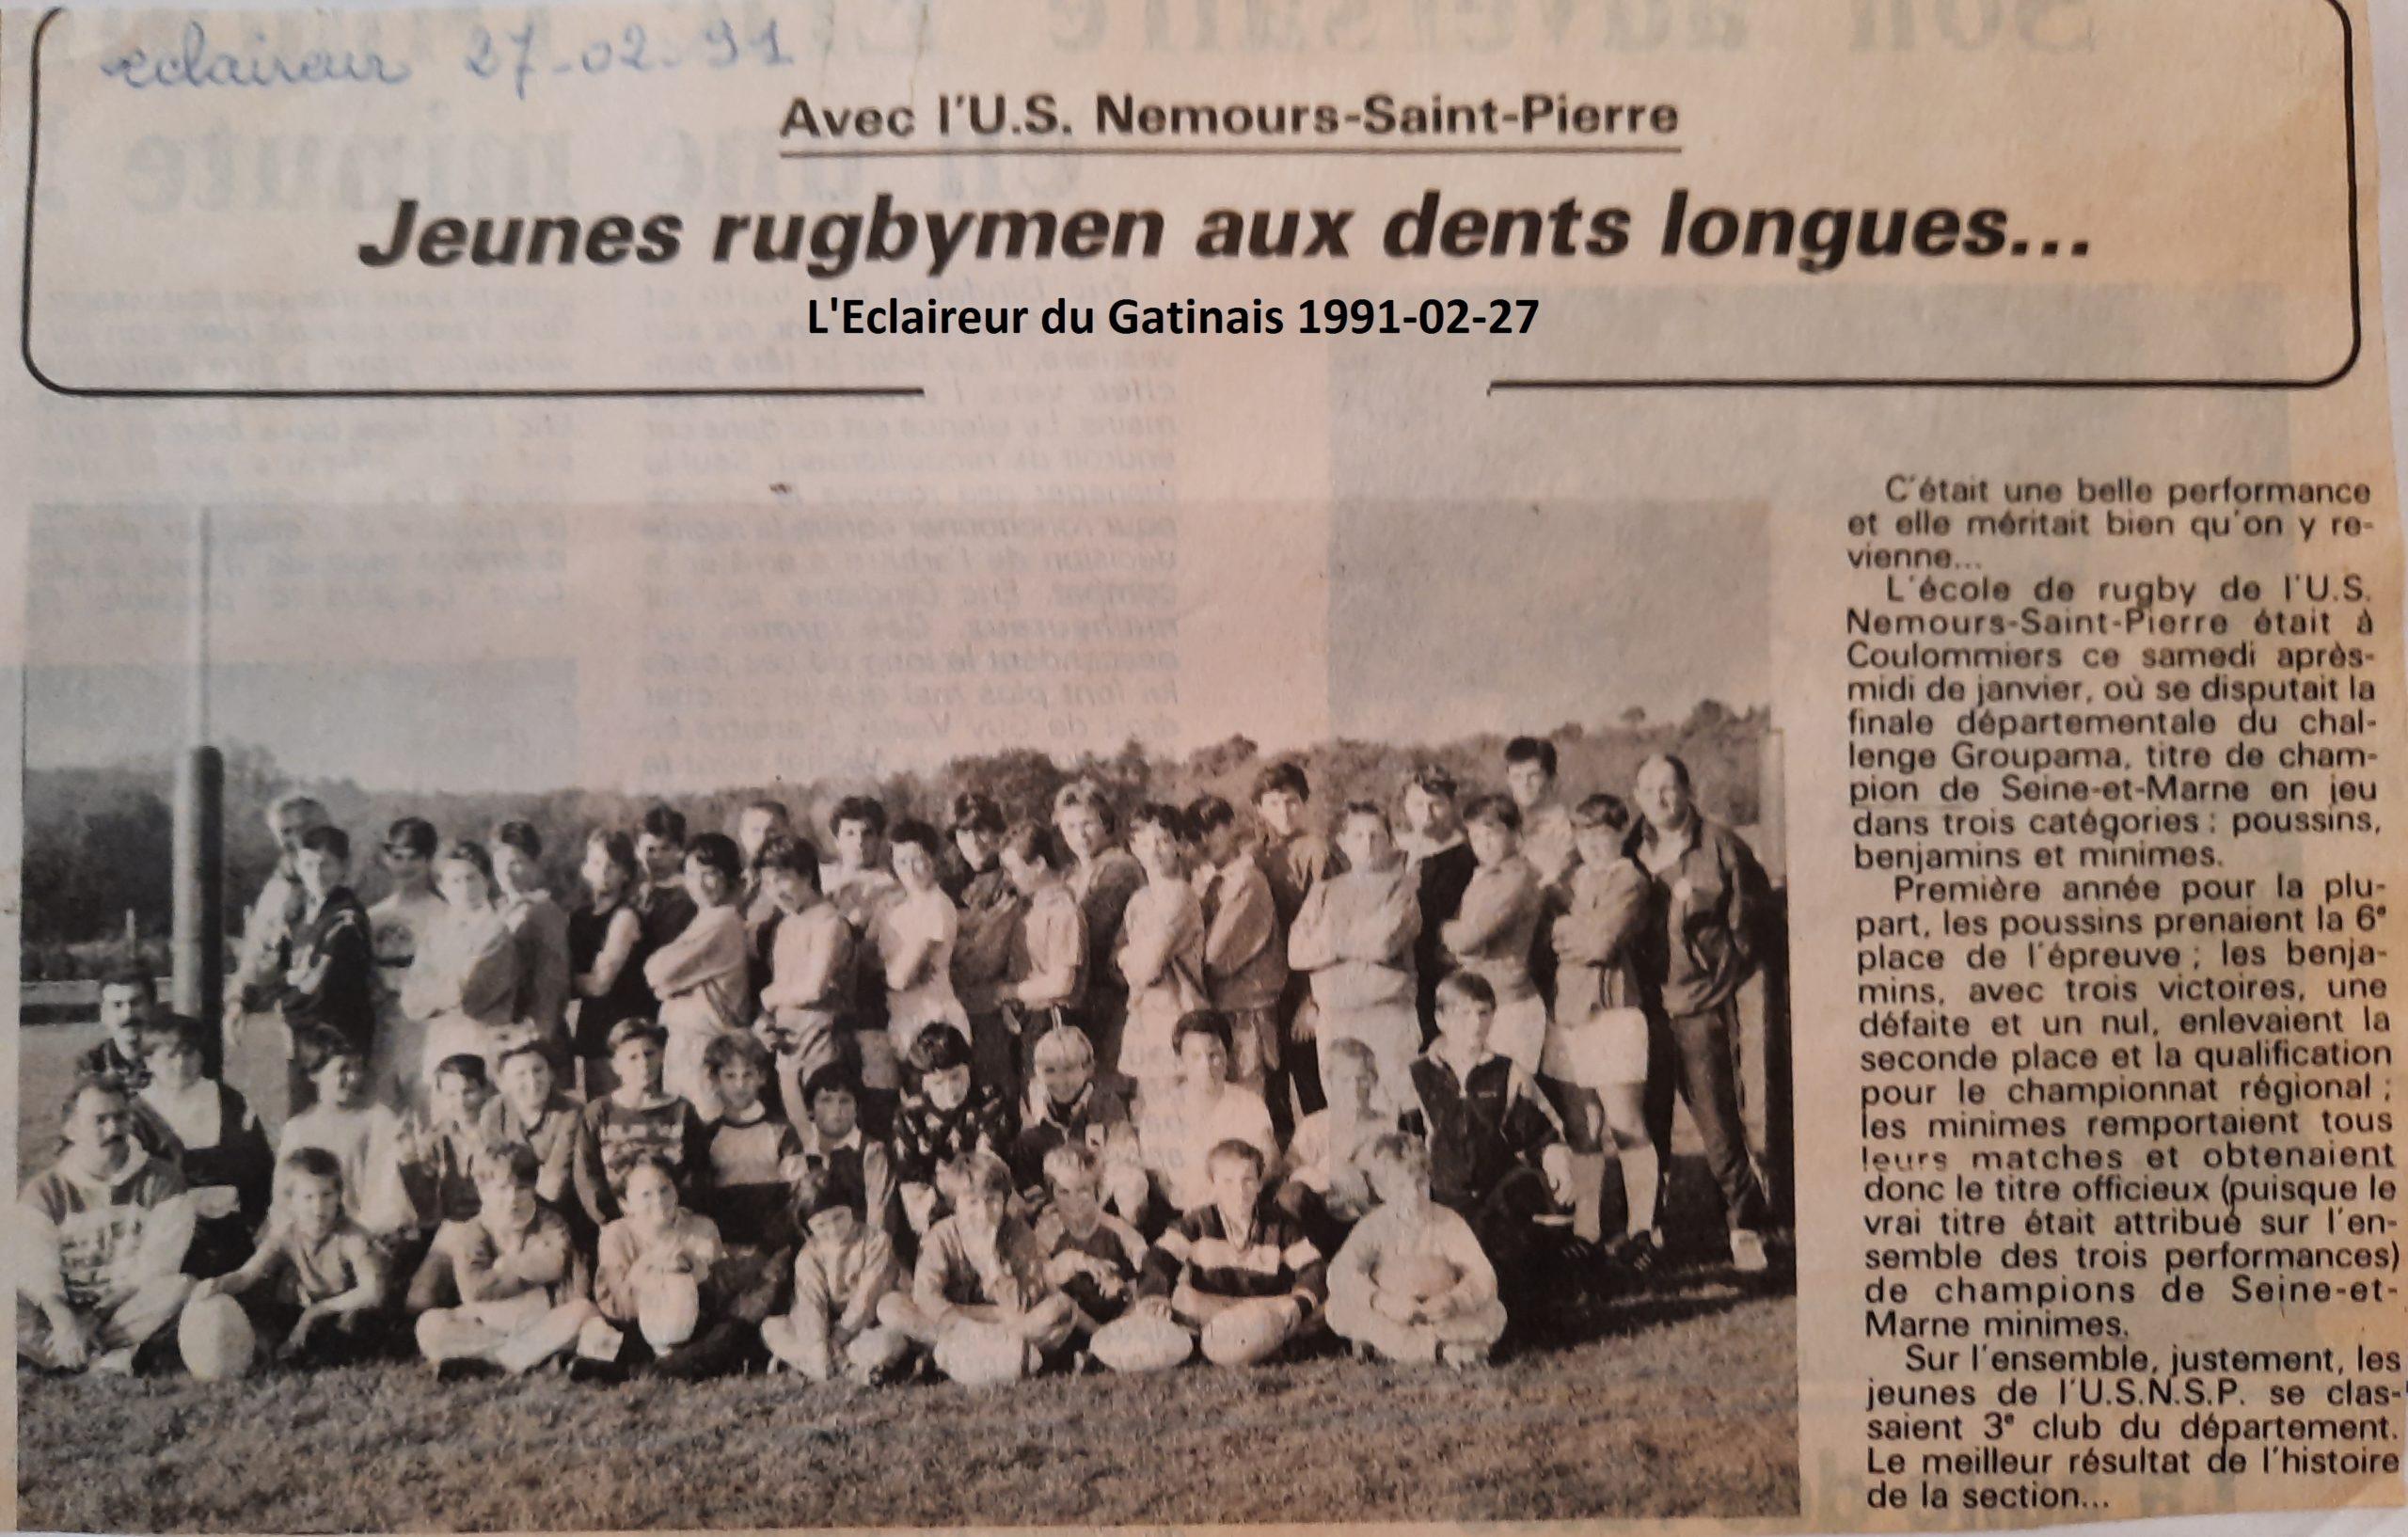 Eclaireur du Gâtinais 1991-02-27